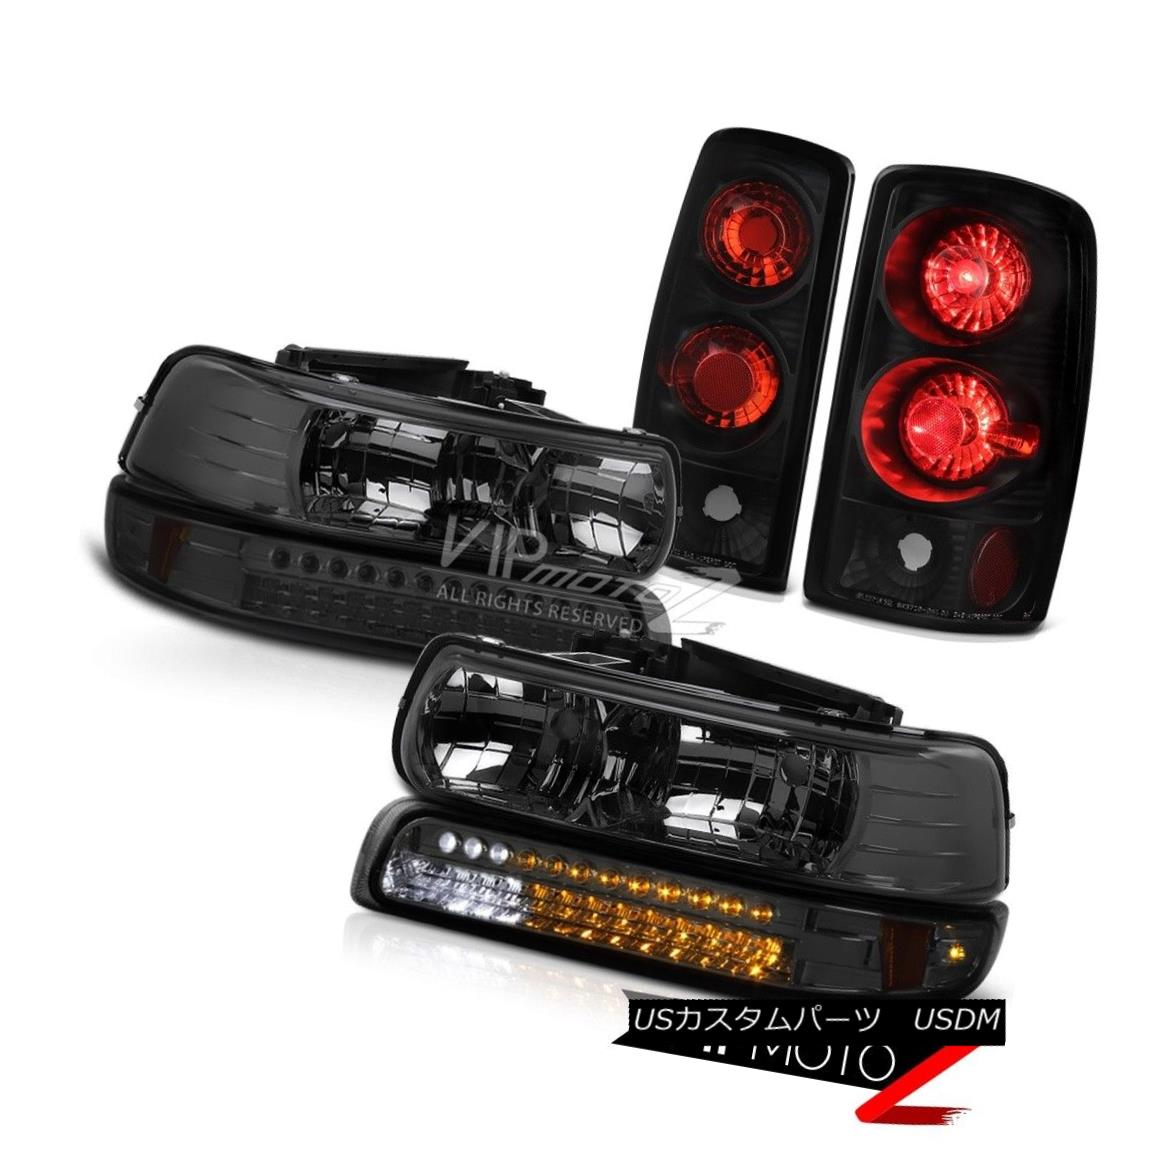 ヘッドライト Crystal Tinted Headlights LED Smoke Bumper Rear Black Taillamps 2000-2006 Tahoe クリスタルティンテッドヘッドライトLEDスモークバンパーリアブラックタイアランプ2000-2006タホ